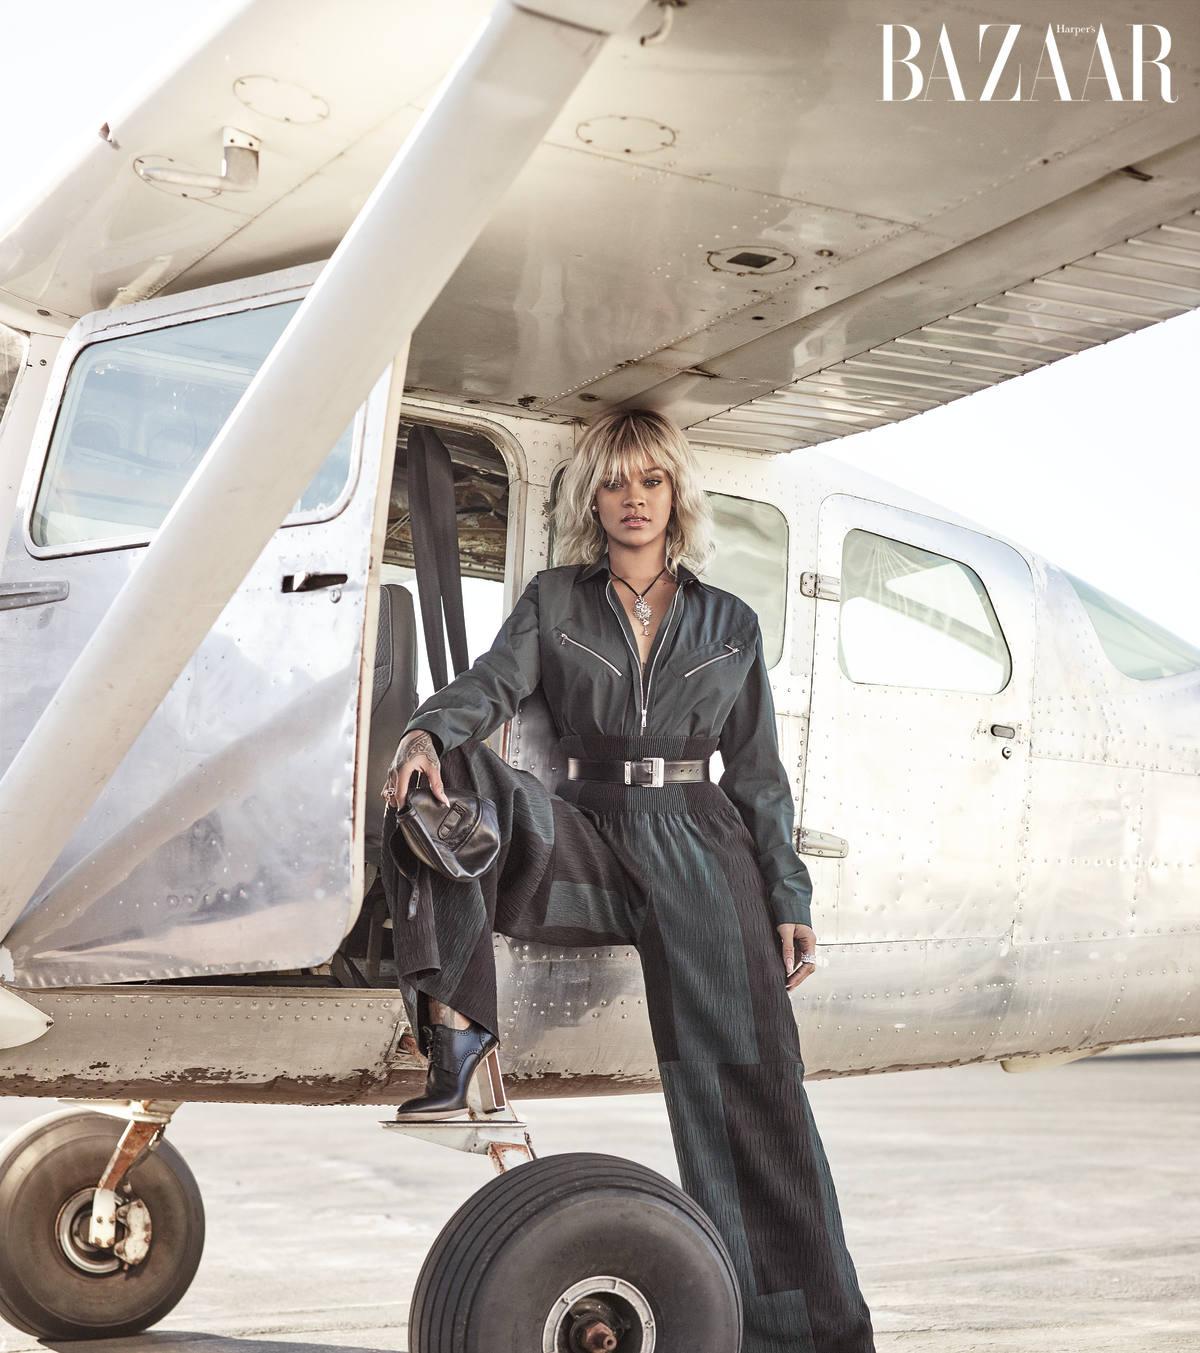 CỔ ĐIỂN: Áo khoác và quần, Stella McCartney. Kính mát, Ray-Ban. Đồng hồ, Jaeger-LeCoultre. Giày, Hermès